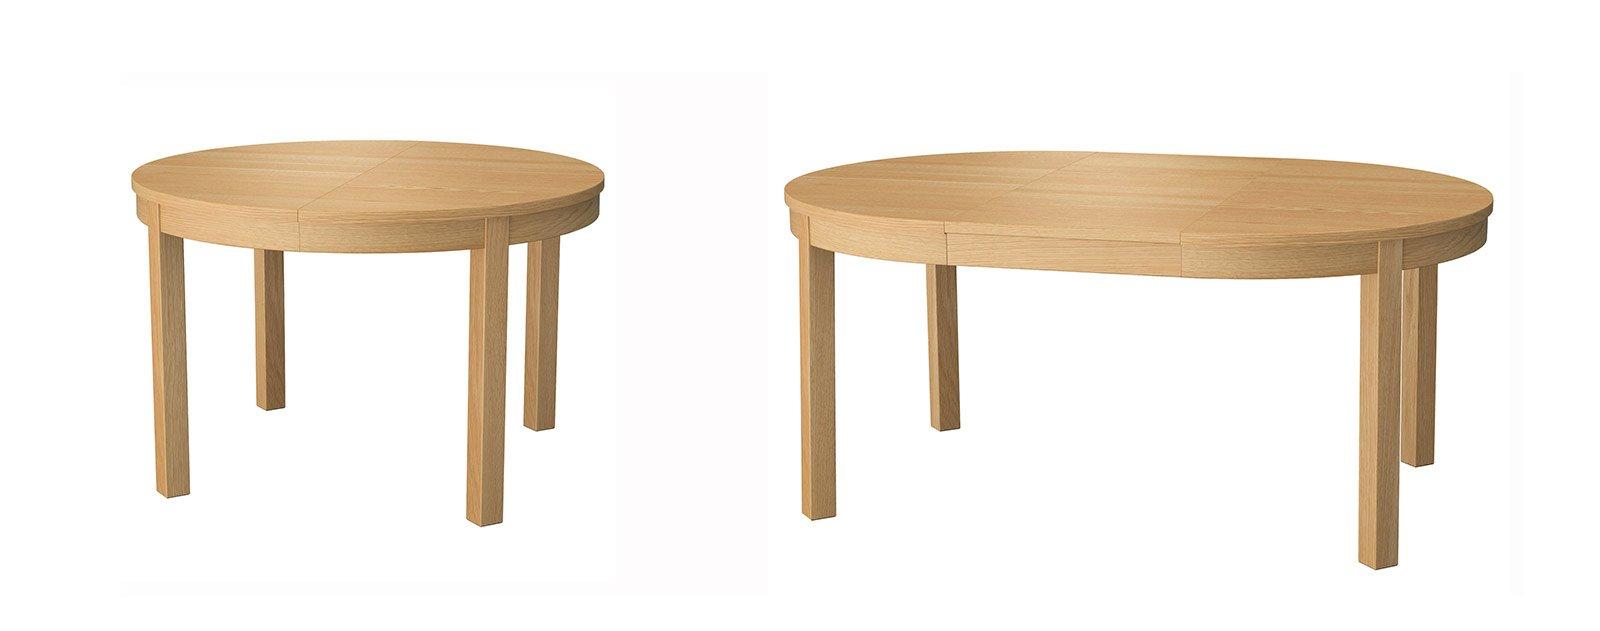 Ikea bjursta tavolo all - Ikea tavolo bjursta ...